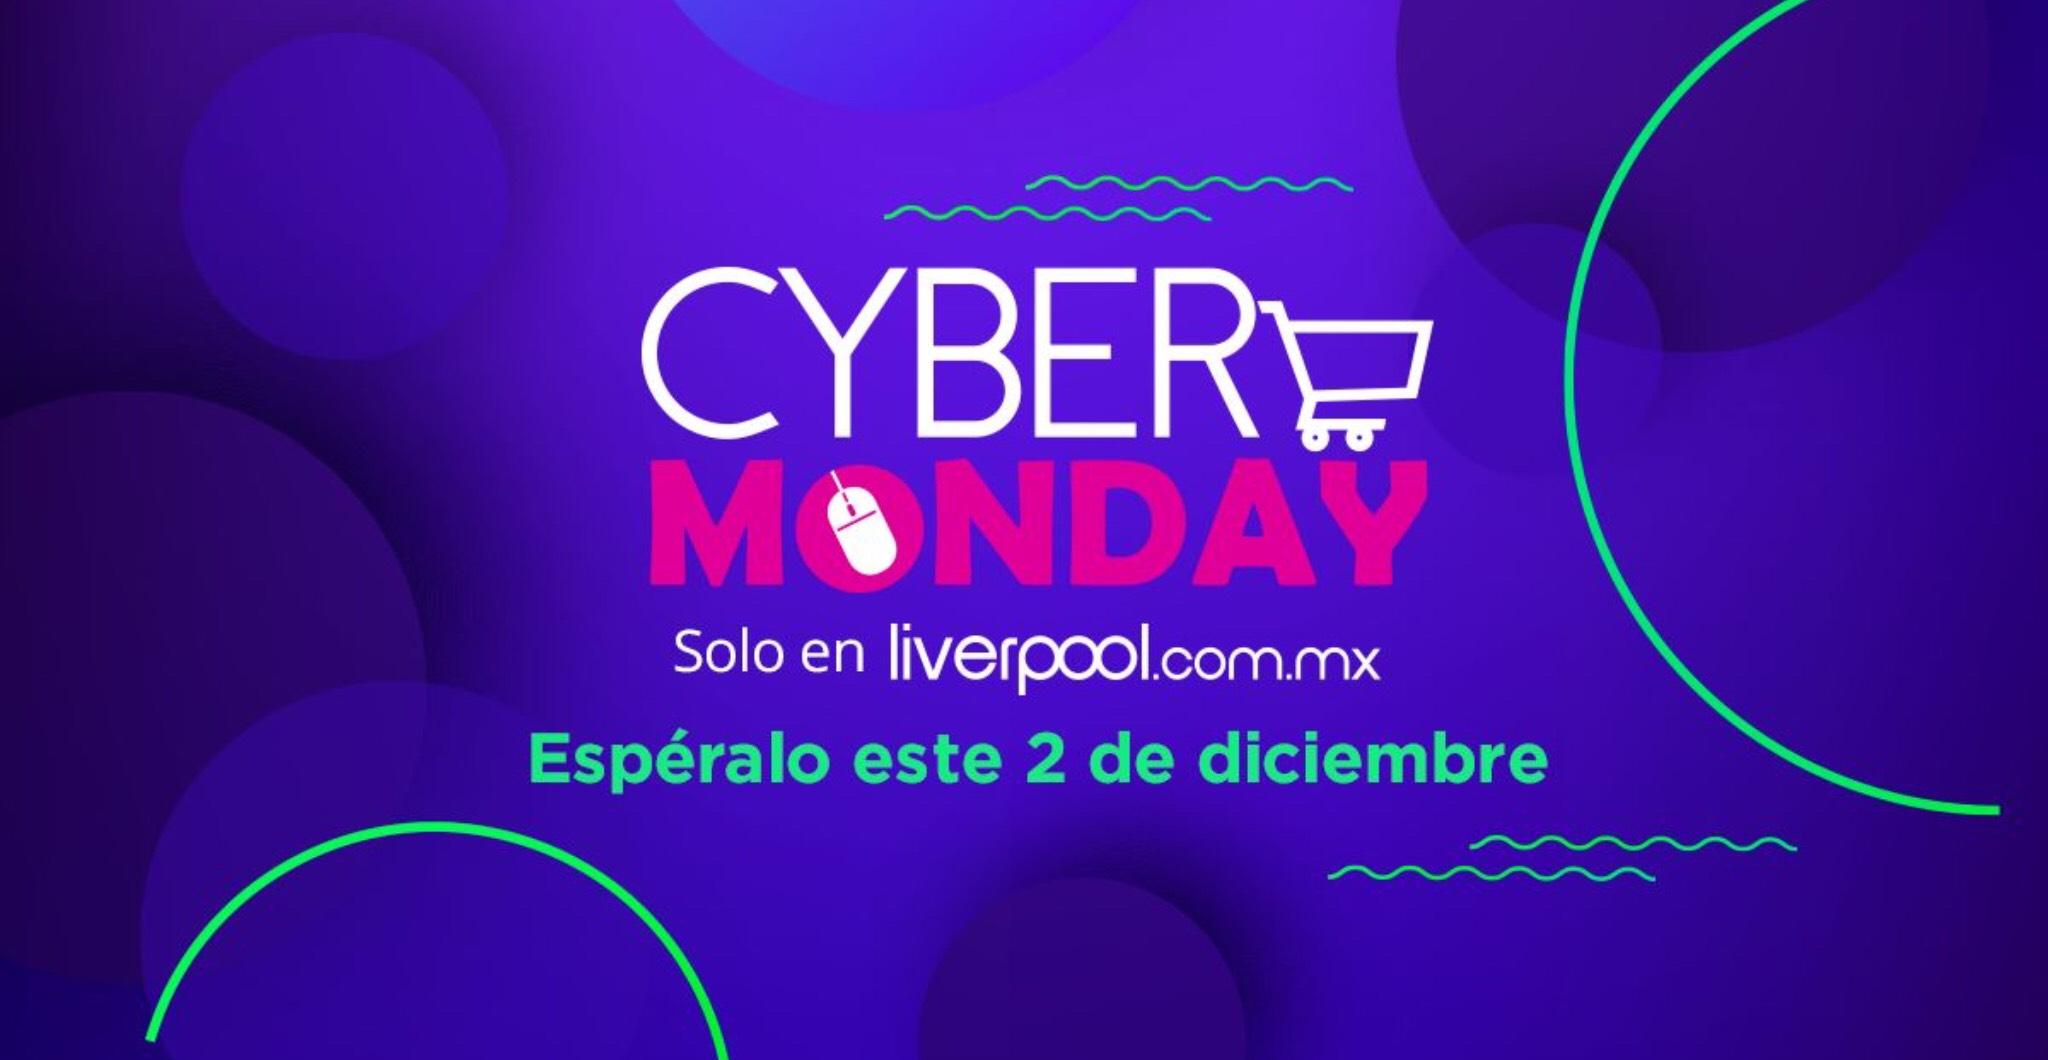 Liverpool: Cyber Monday el 02 de Diciembre